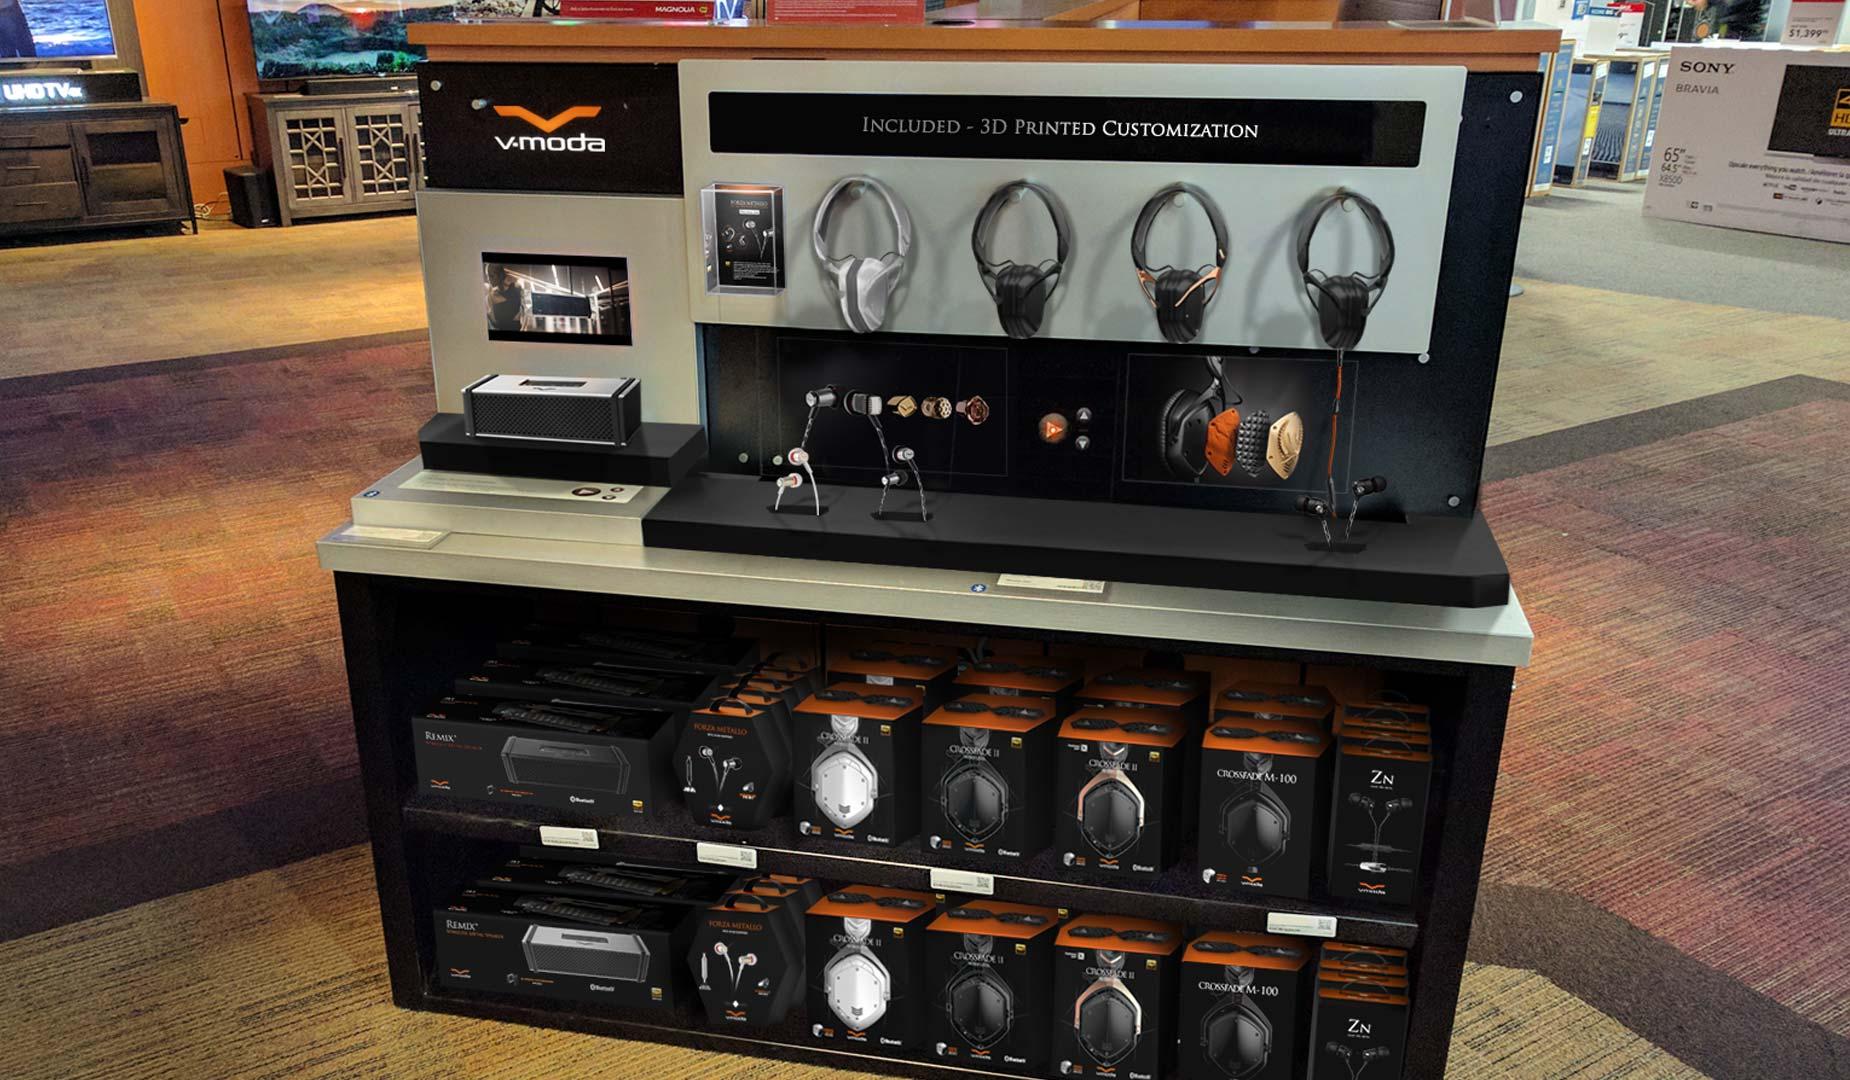 Magnolia Headphone Listening Station